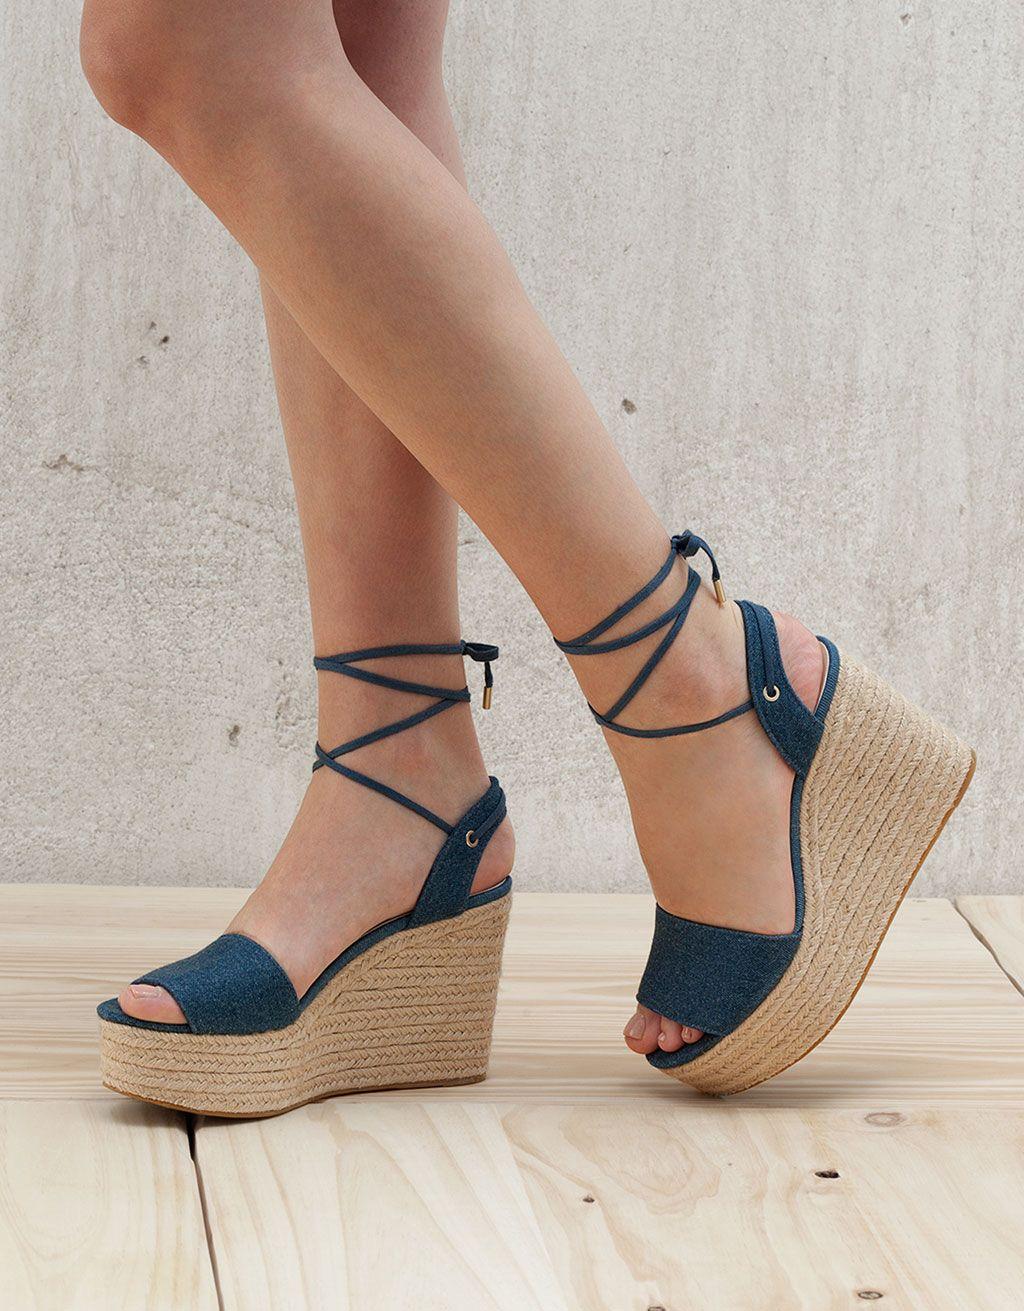 Sandales compensées en jean lacets cheville - Voir Tout - Bershka France e1a582793c79